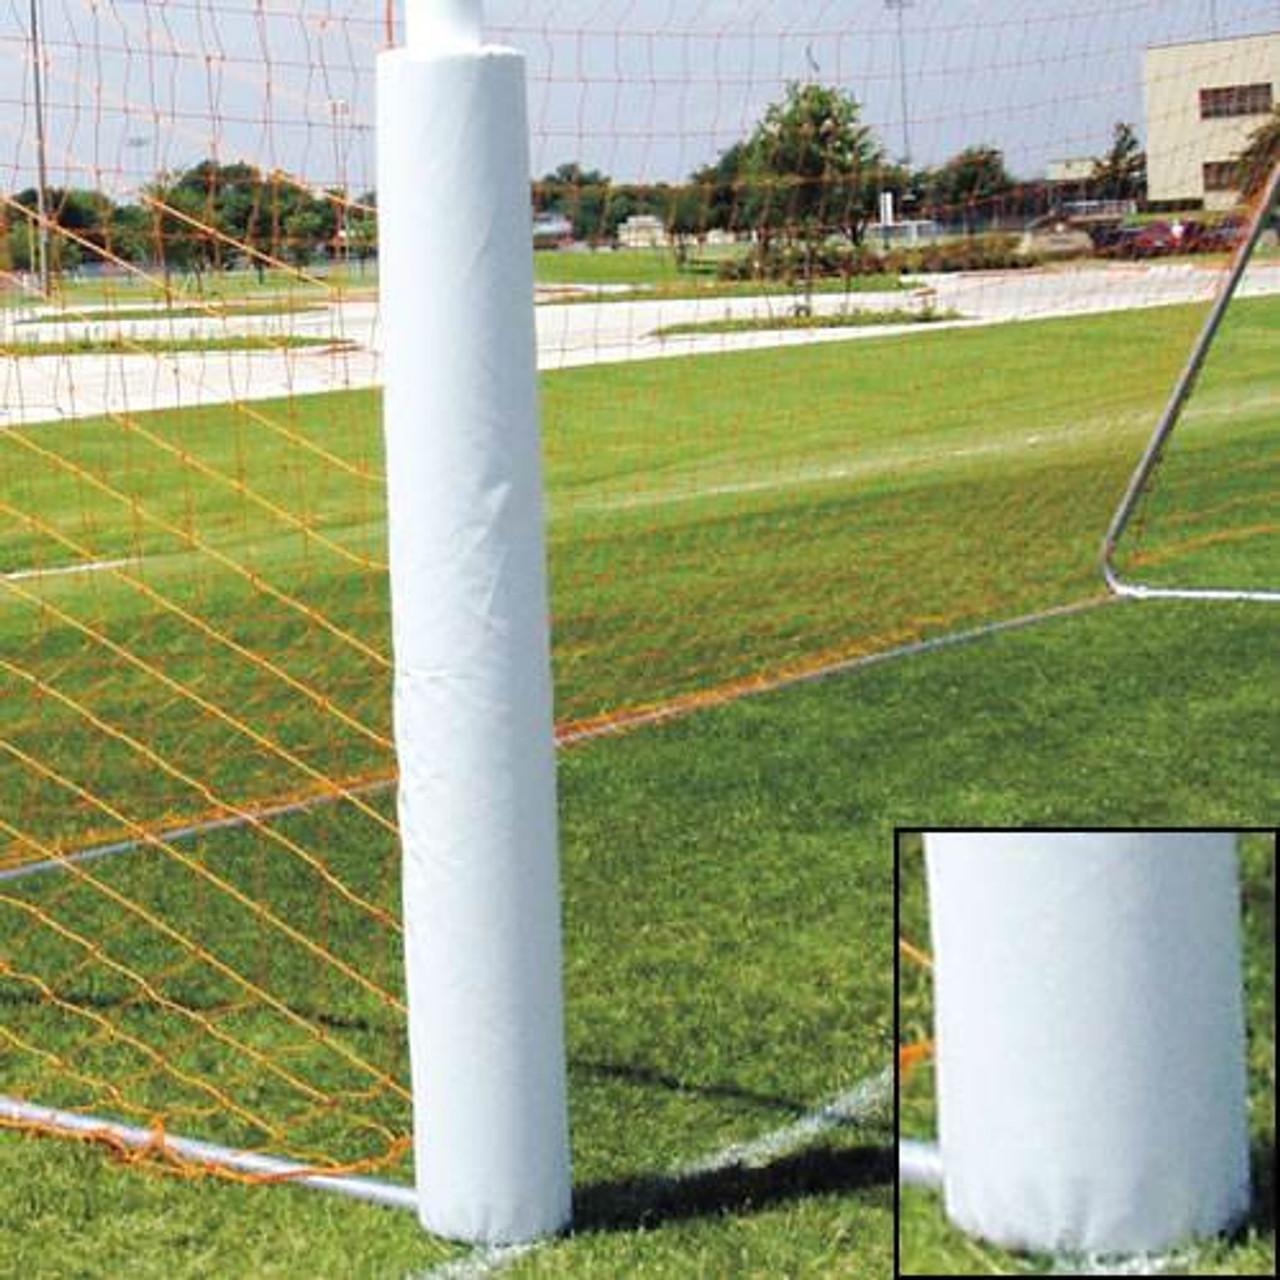 Soccer Goal Safety Padding (Pair) for soccer goals